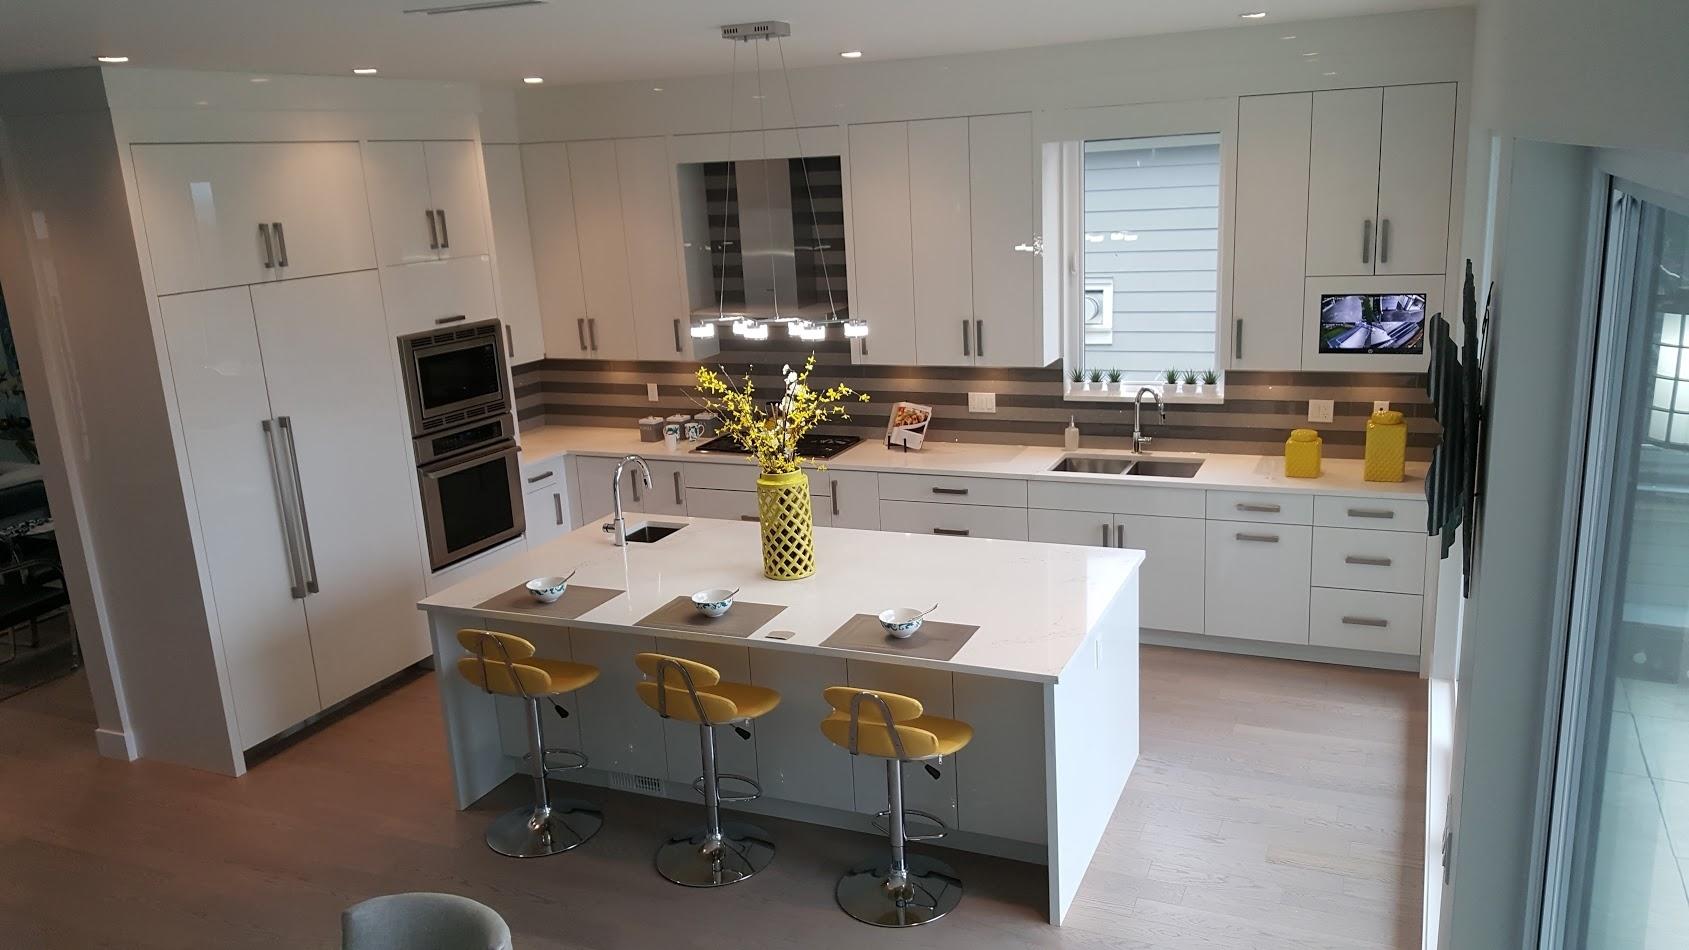 Am Kitchen Cabinets Surrey